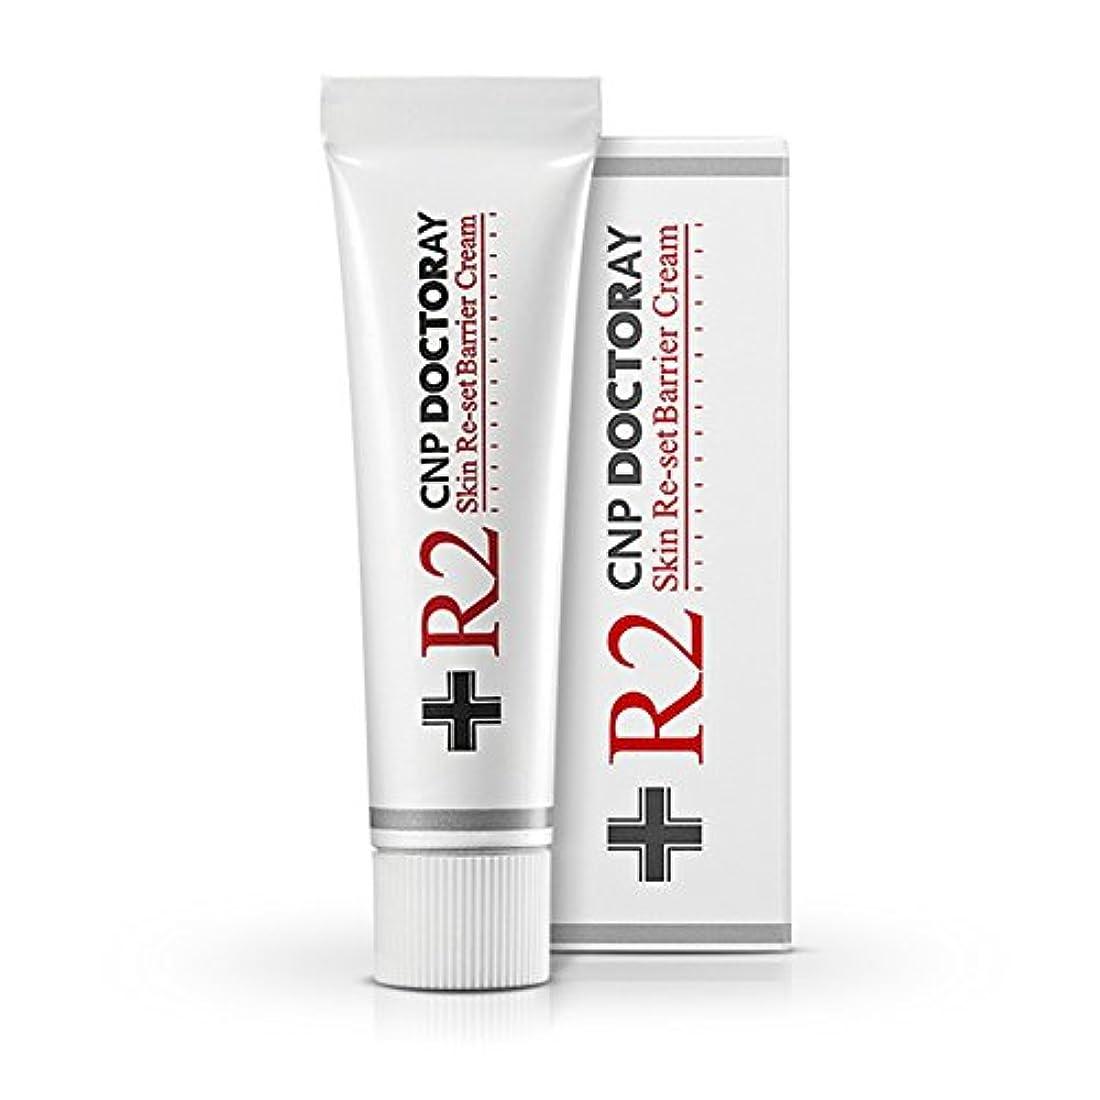 無秩序書き出す一差額泊/CNP R2 Skin Re-set Berrier Cream 12ml(海外直送品)